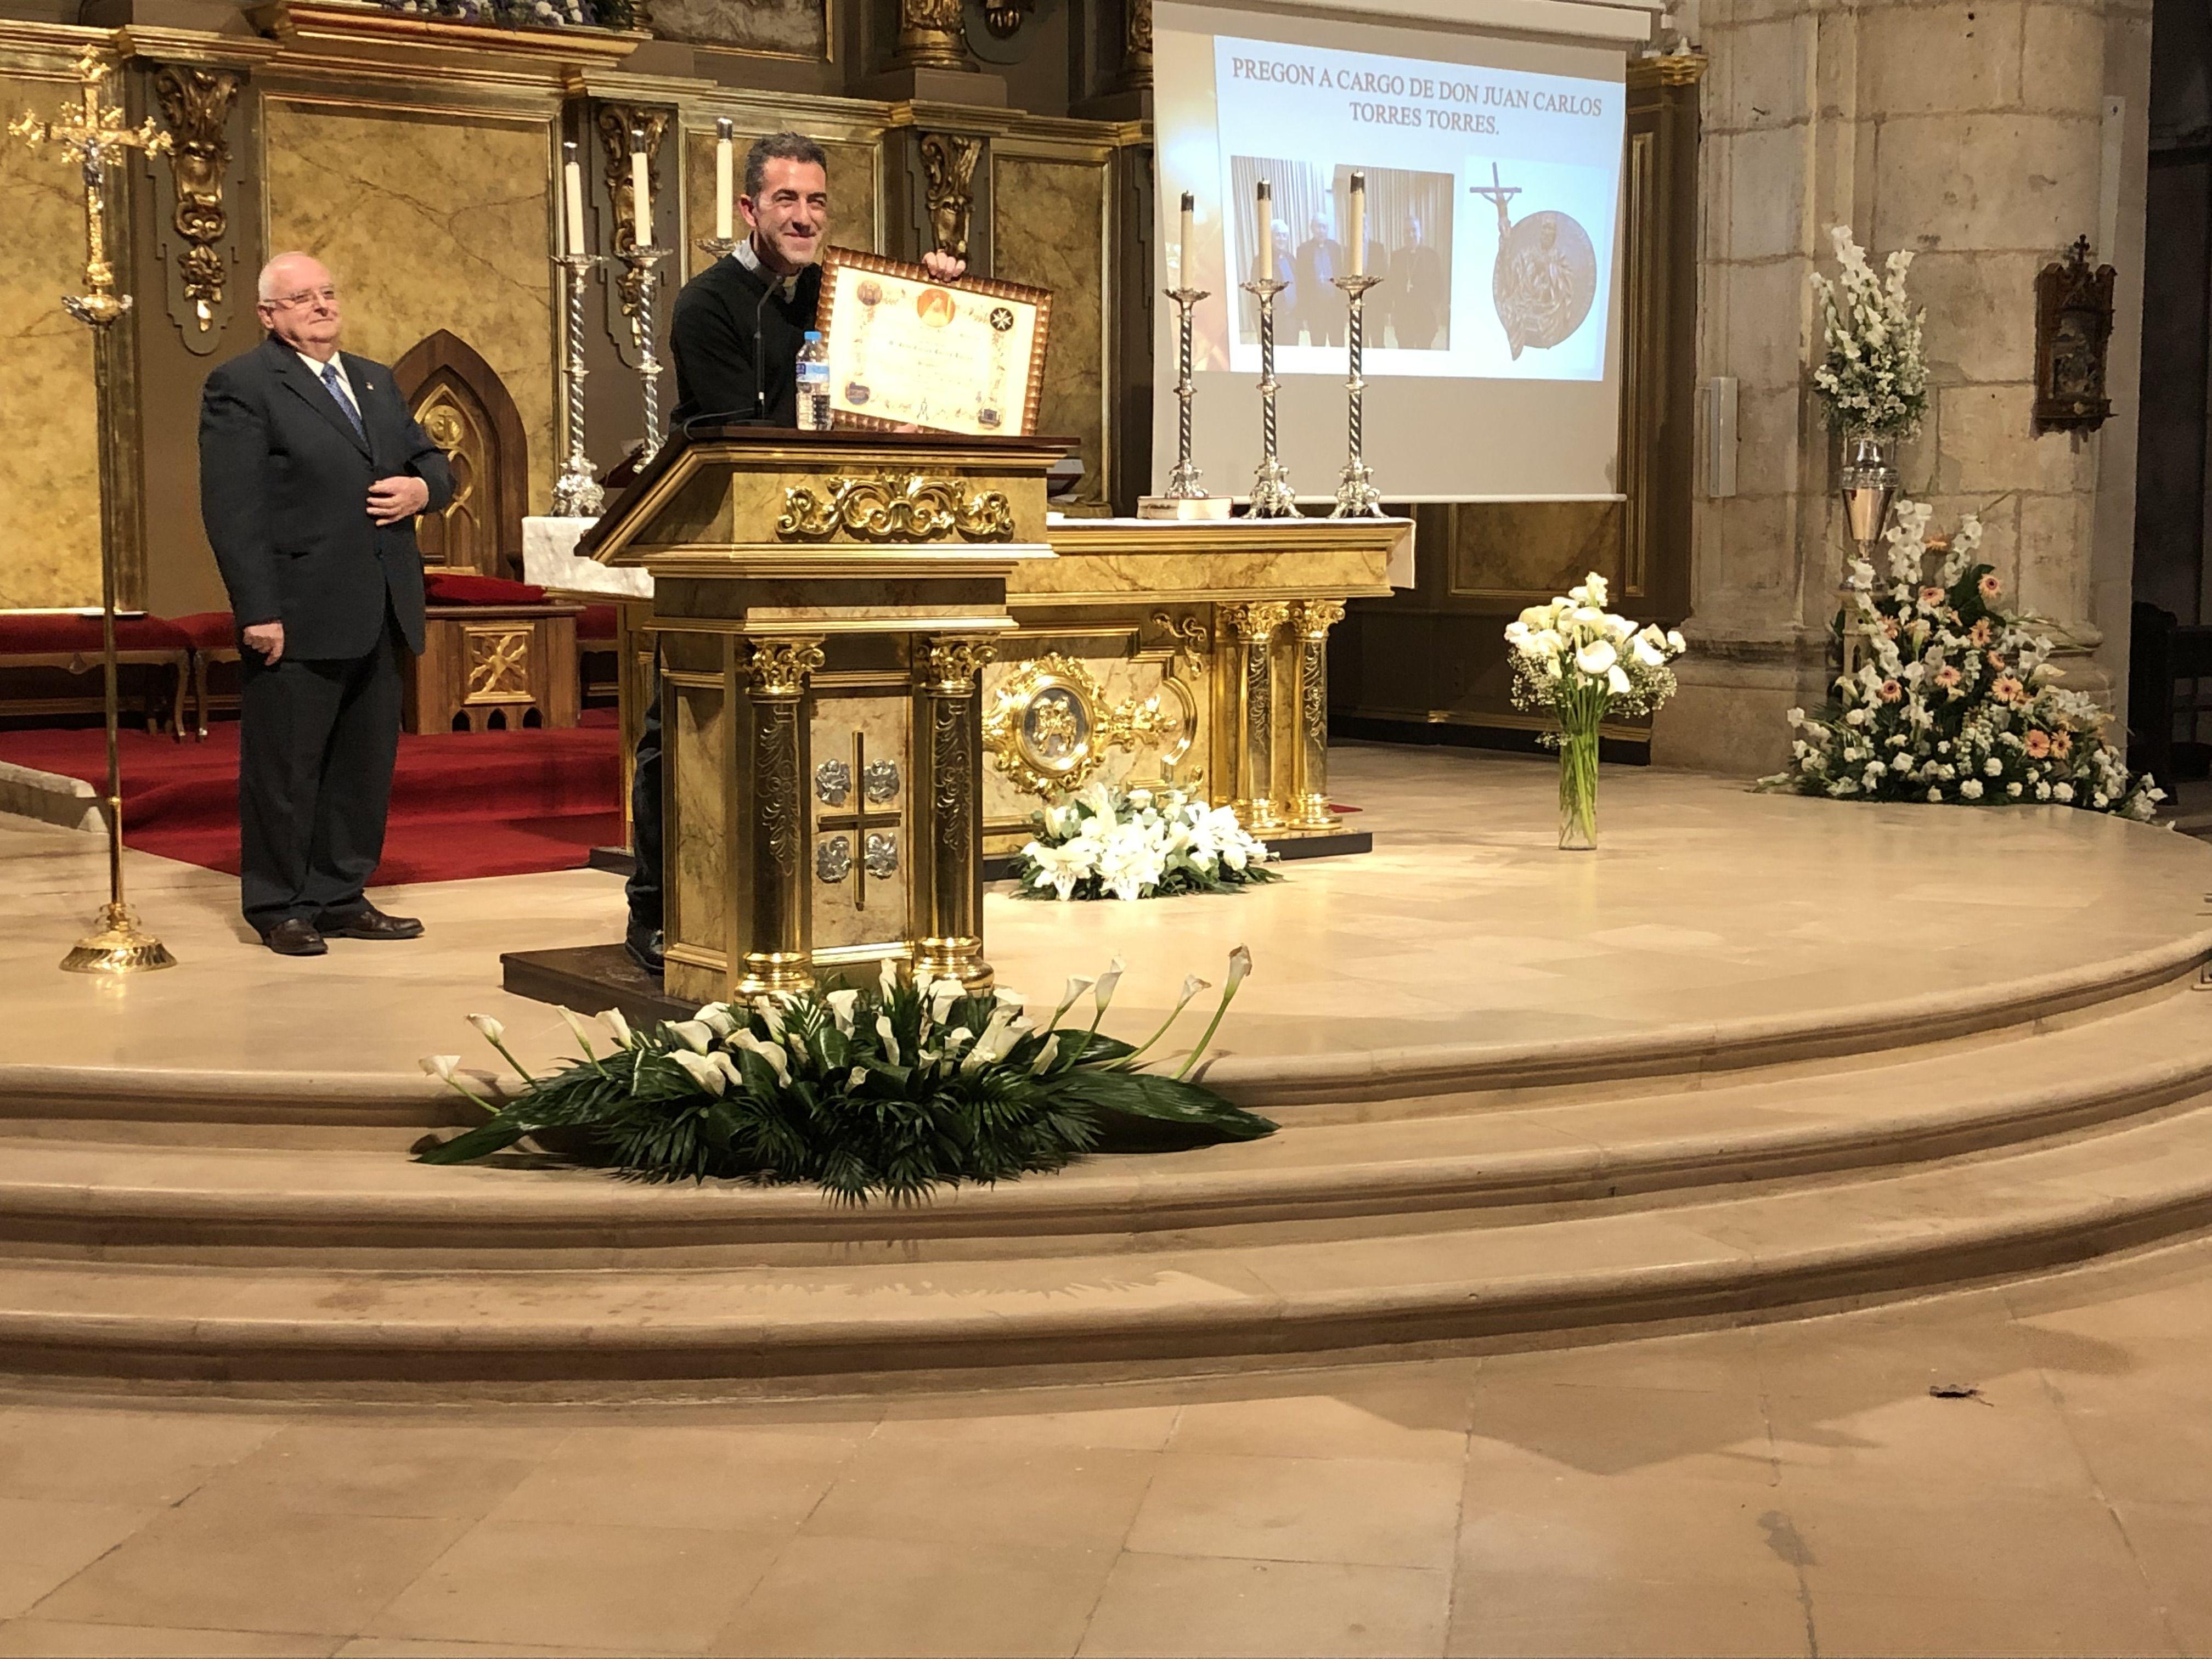 Los actos de la Romería de Argamasilla de Alba comienzan con el pregón y un reconocimiento a hermanos fallecidos